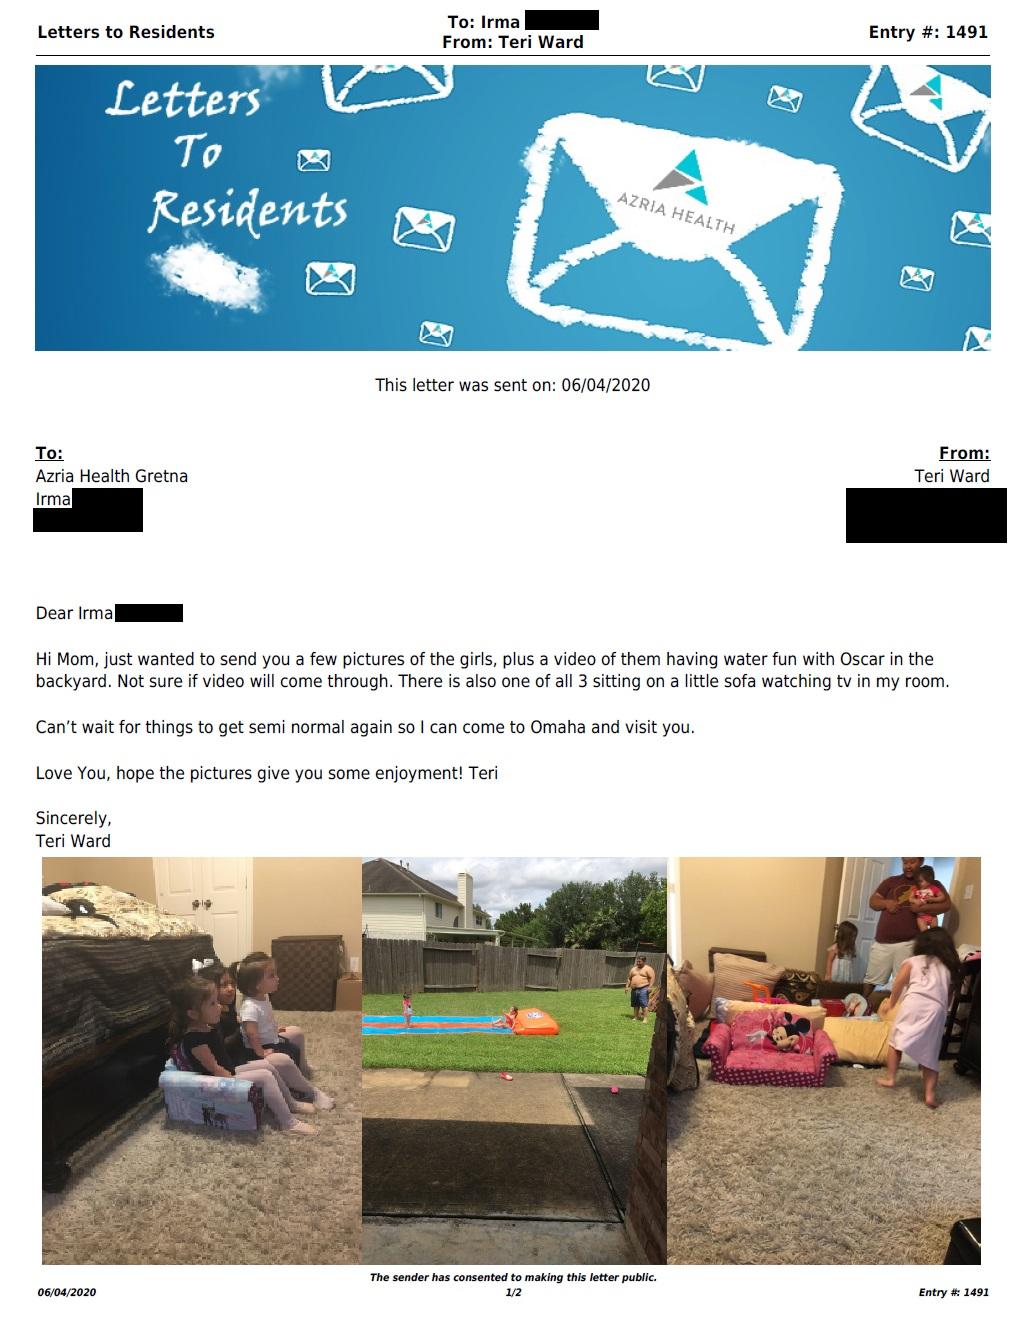 Letter to Gretna (6/4/2020)